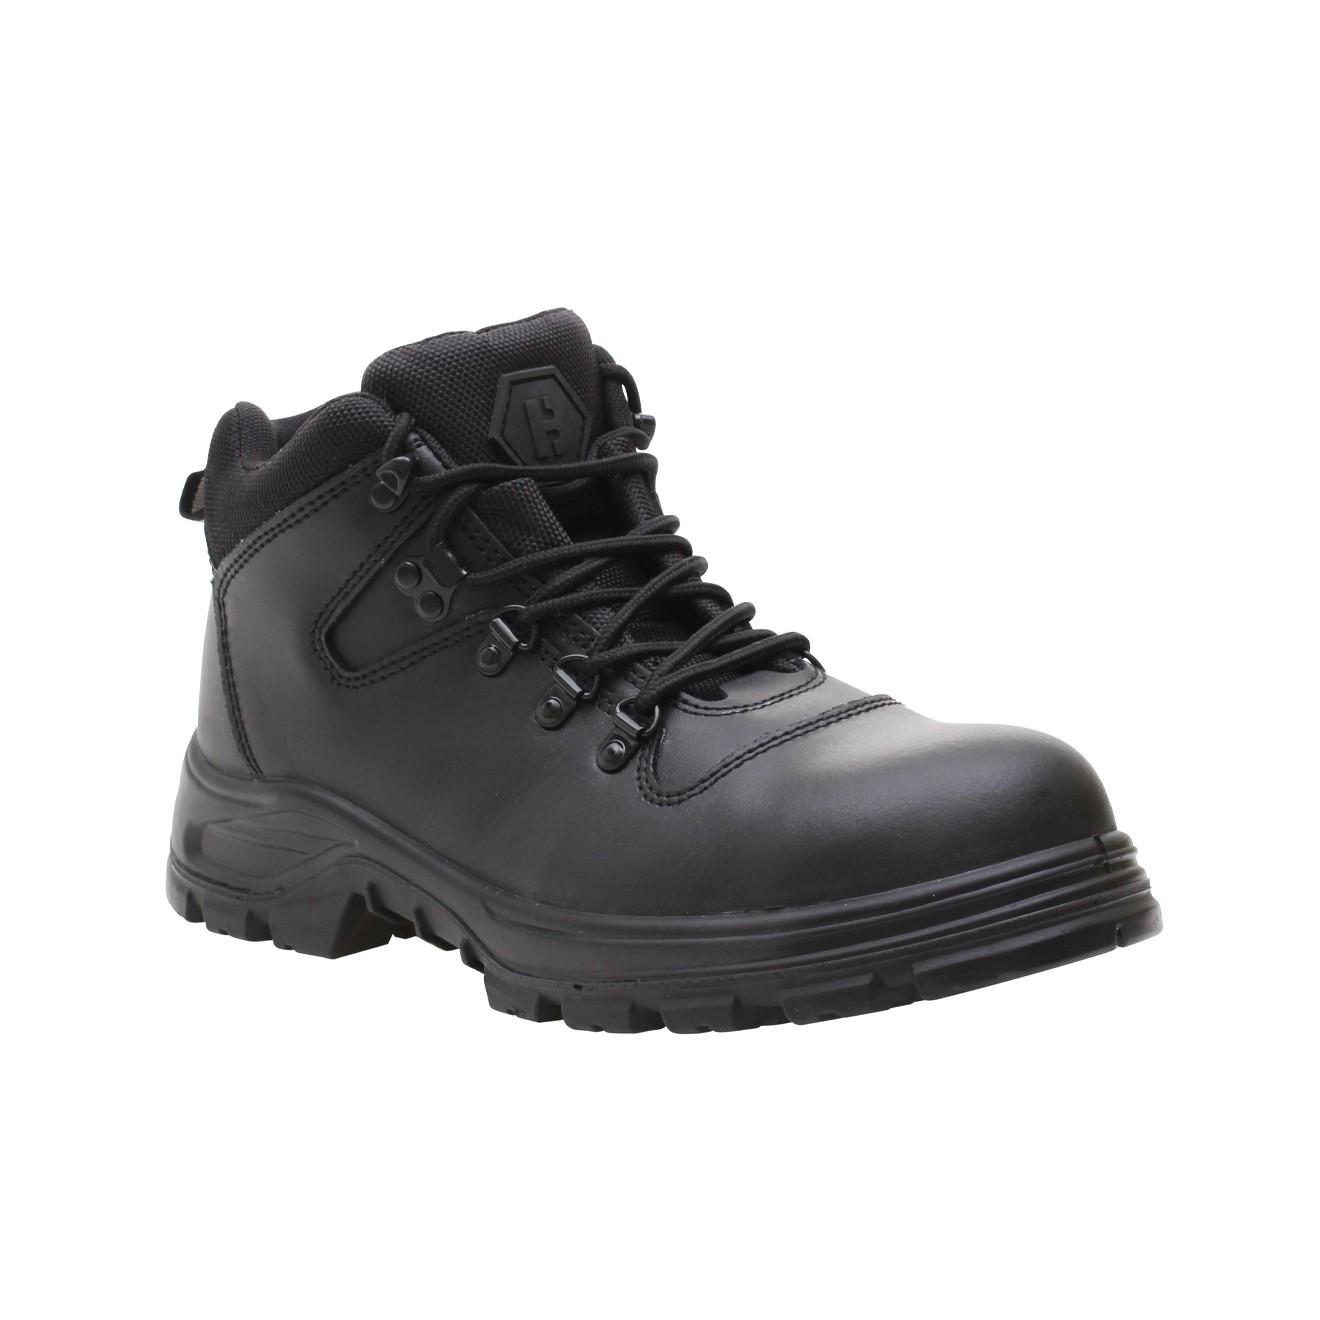 Oakland Boot